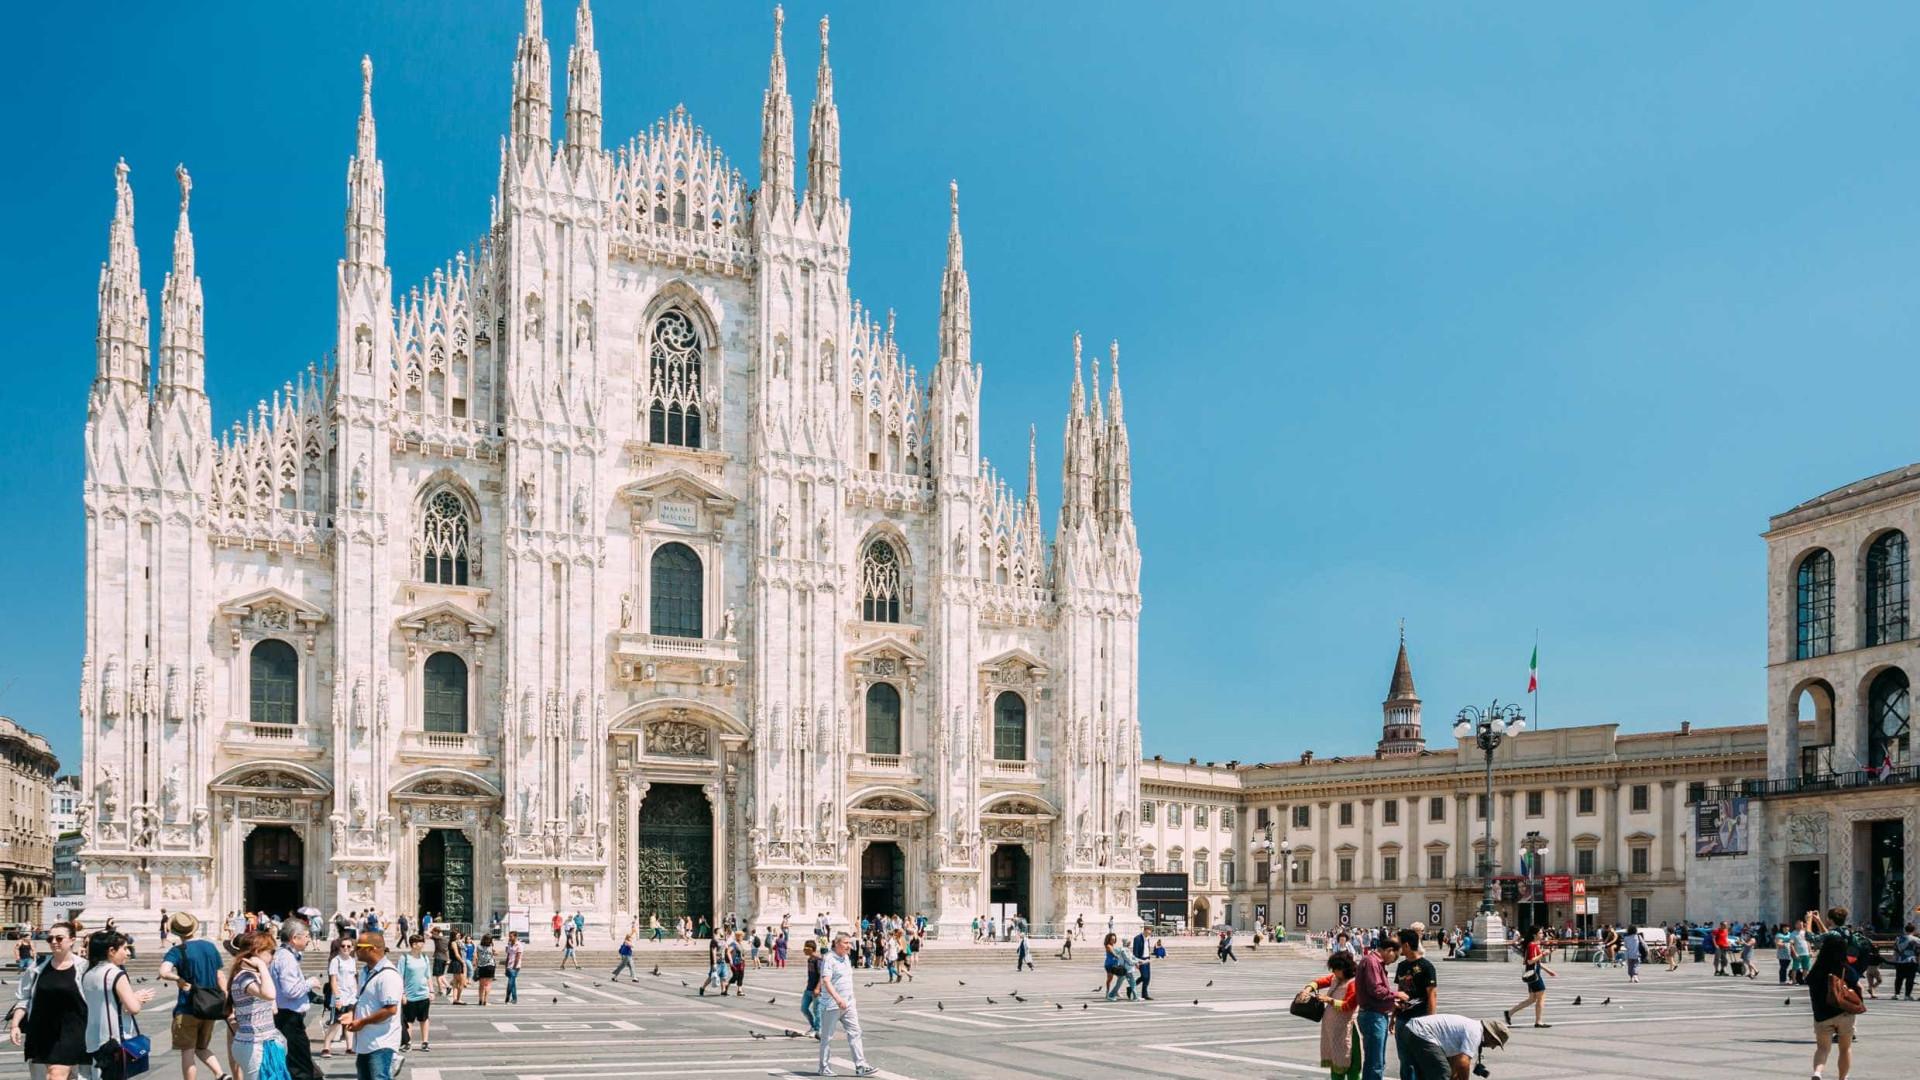 Arquitetura e religião: as igrejas mais belas do mundo